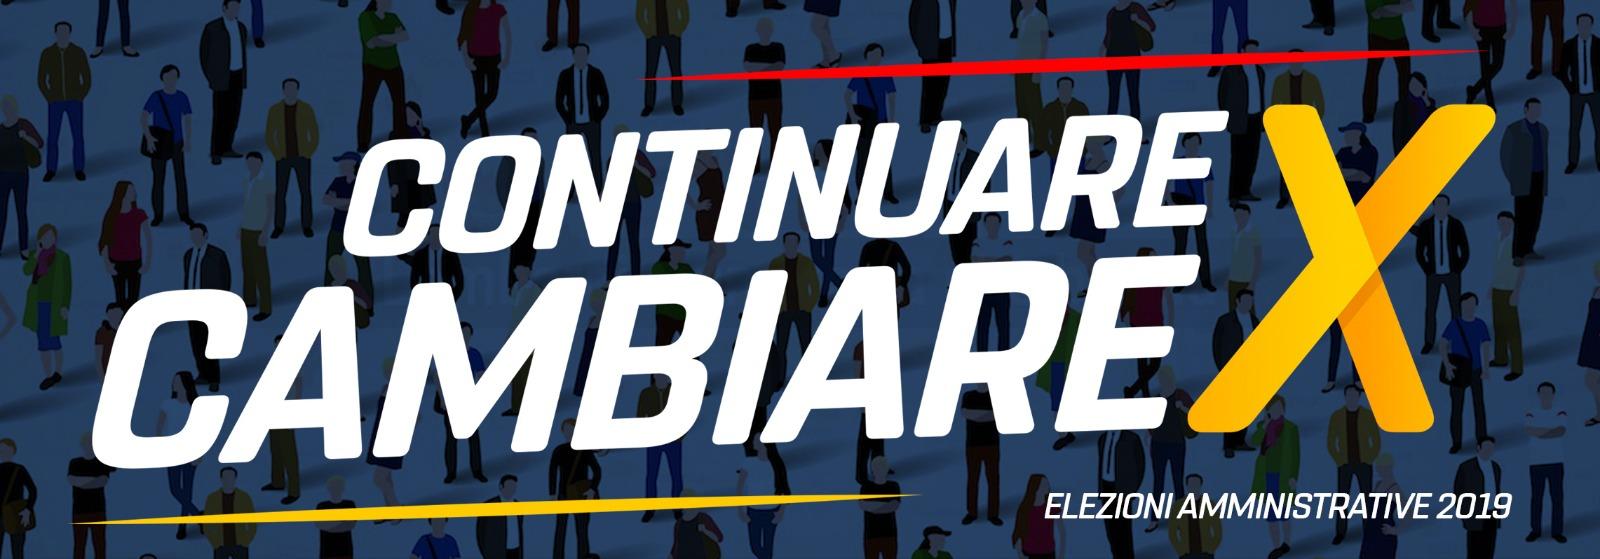 I candidati del M5S alle Amministrative 2019 in Lombardia